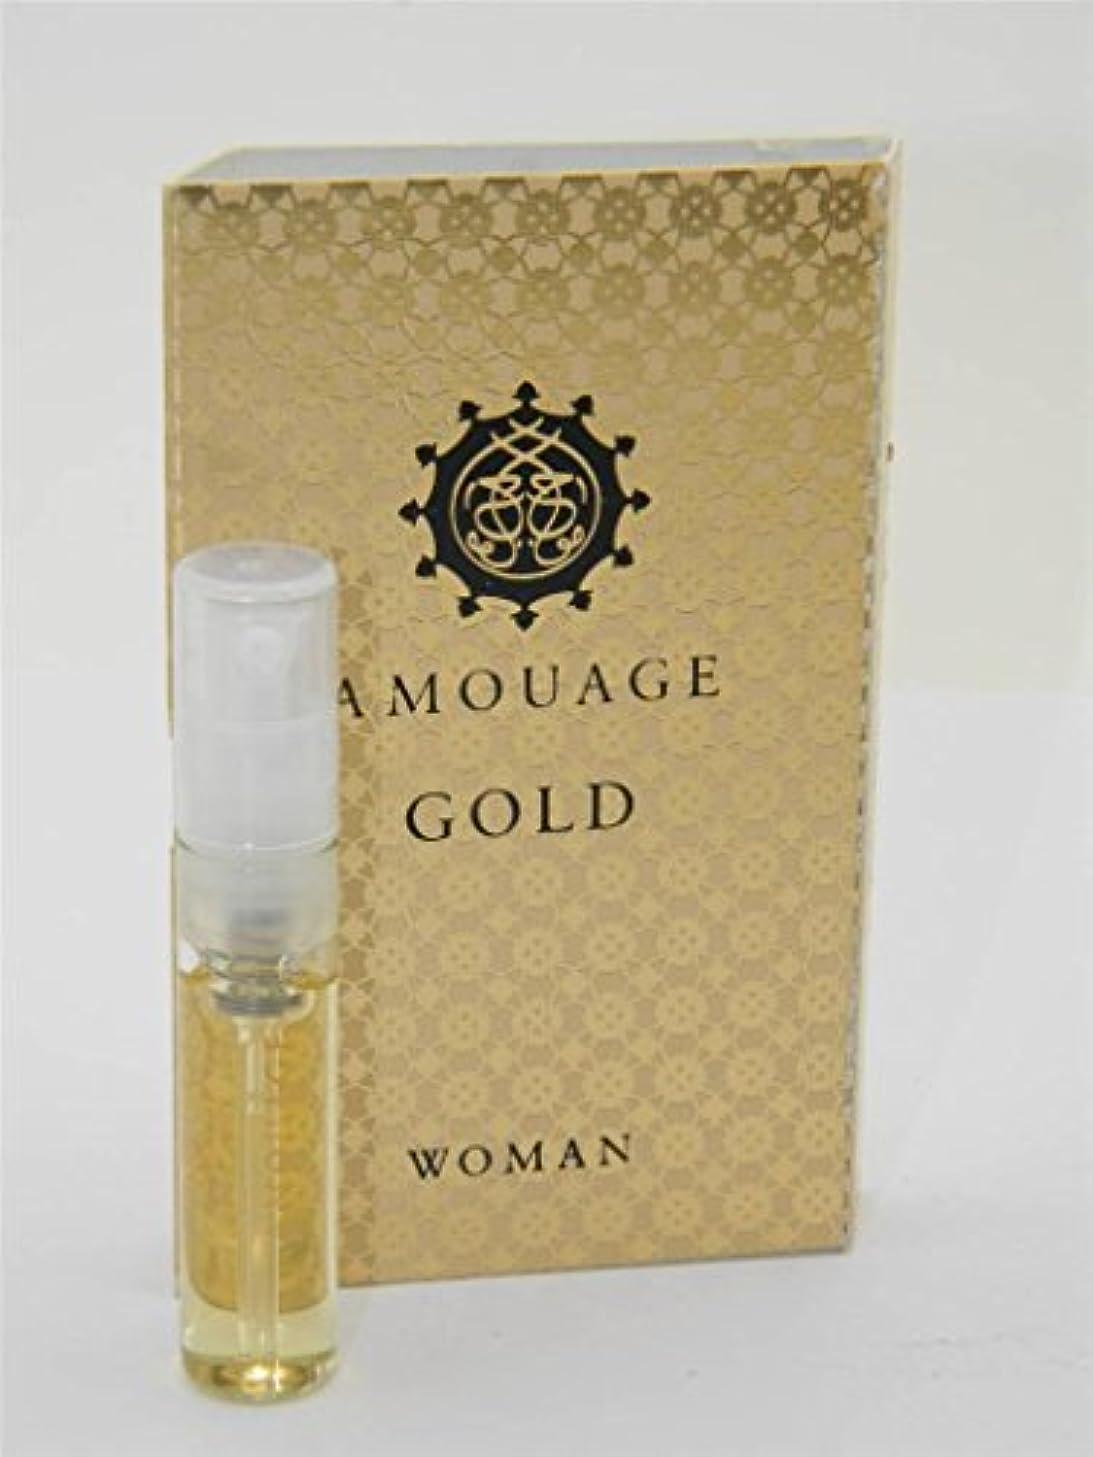 蘇生する特徴づける株式会社Amouage Gold Woman EDP Vial Sample 2ml (アムアージュ ゴールド ウーマン オードパルファン 2ml )[海外直送品]